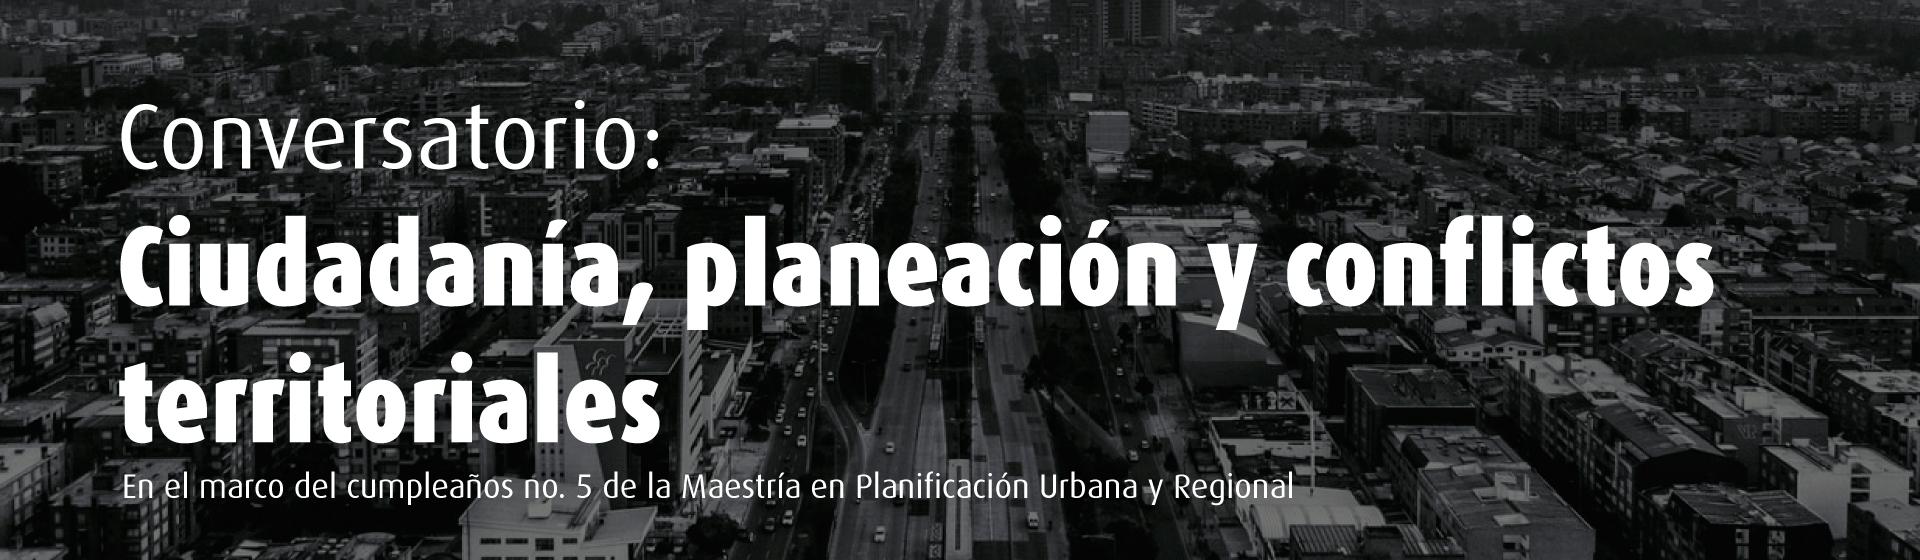 Conversatorio: Ciudadanía, planeación y conflictos territoriales- Cider | Uniandes